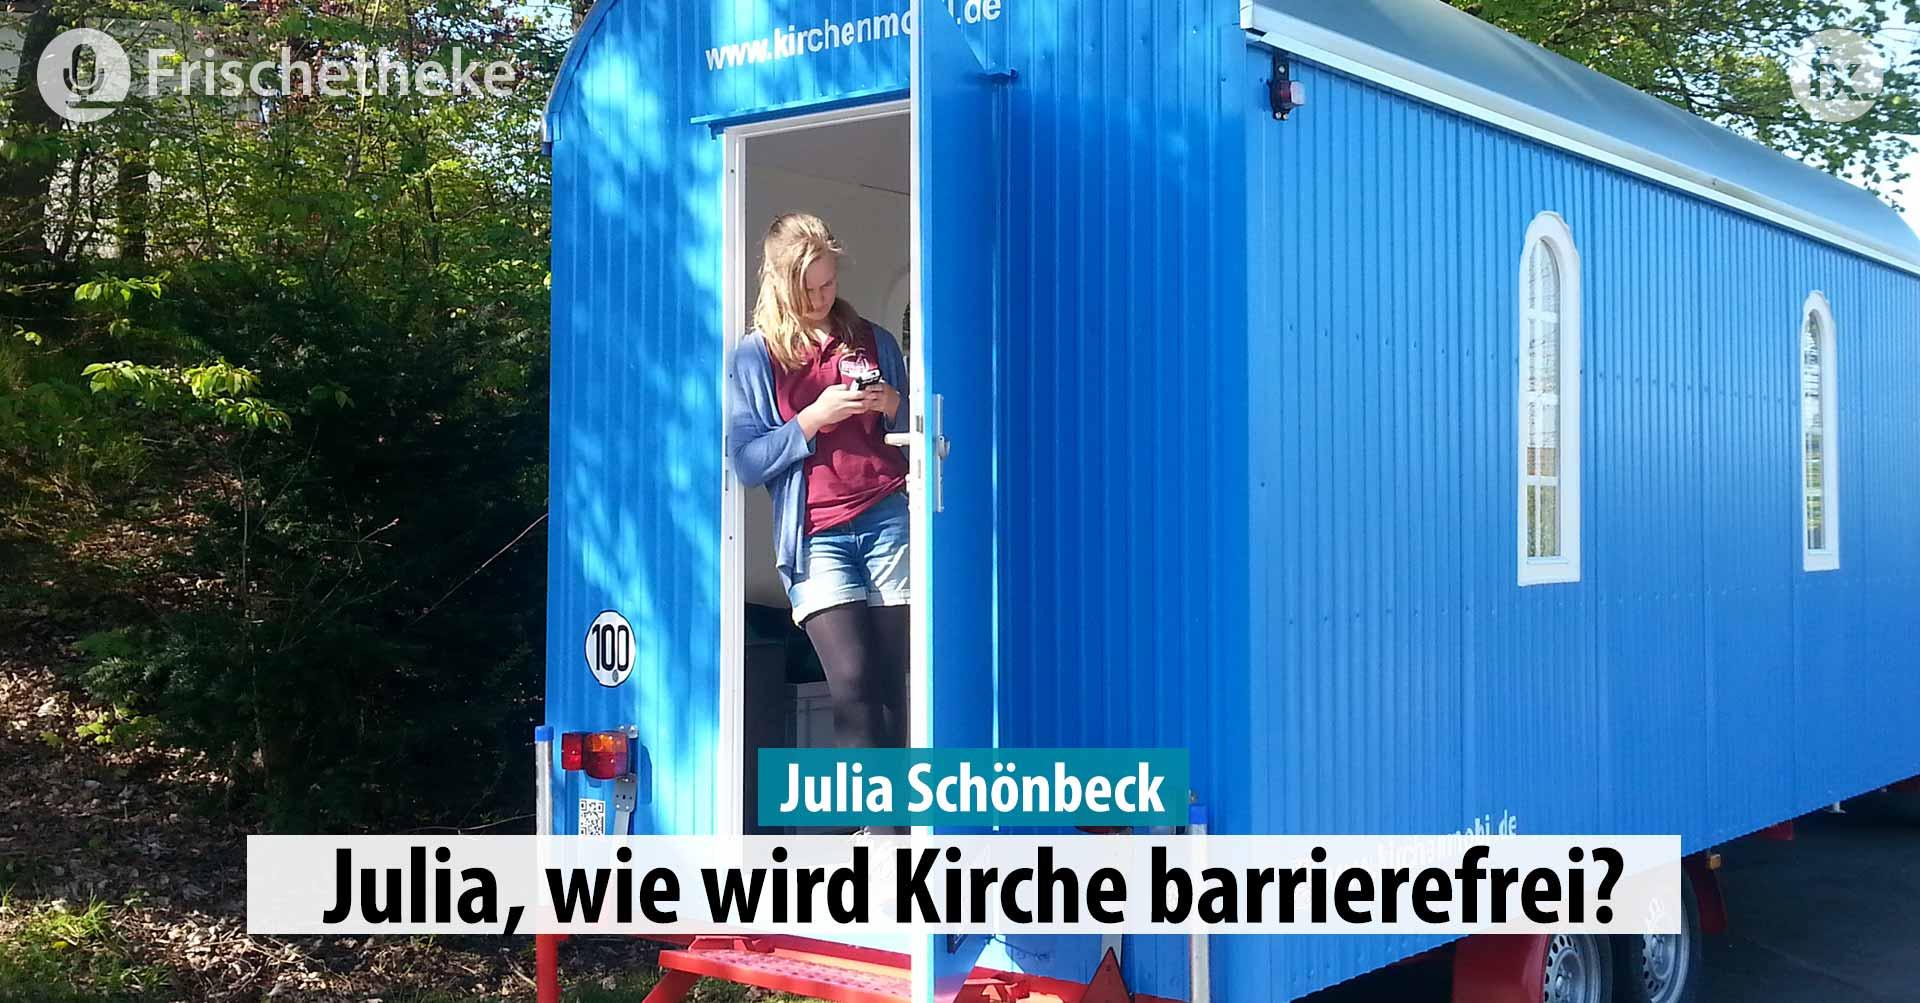 46 – Julia Schönbeck, wie wird Kirche barrierefrei?